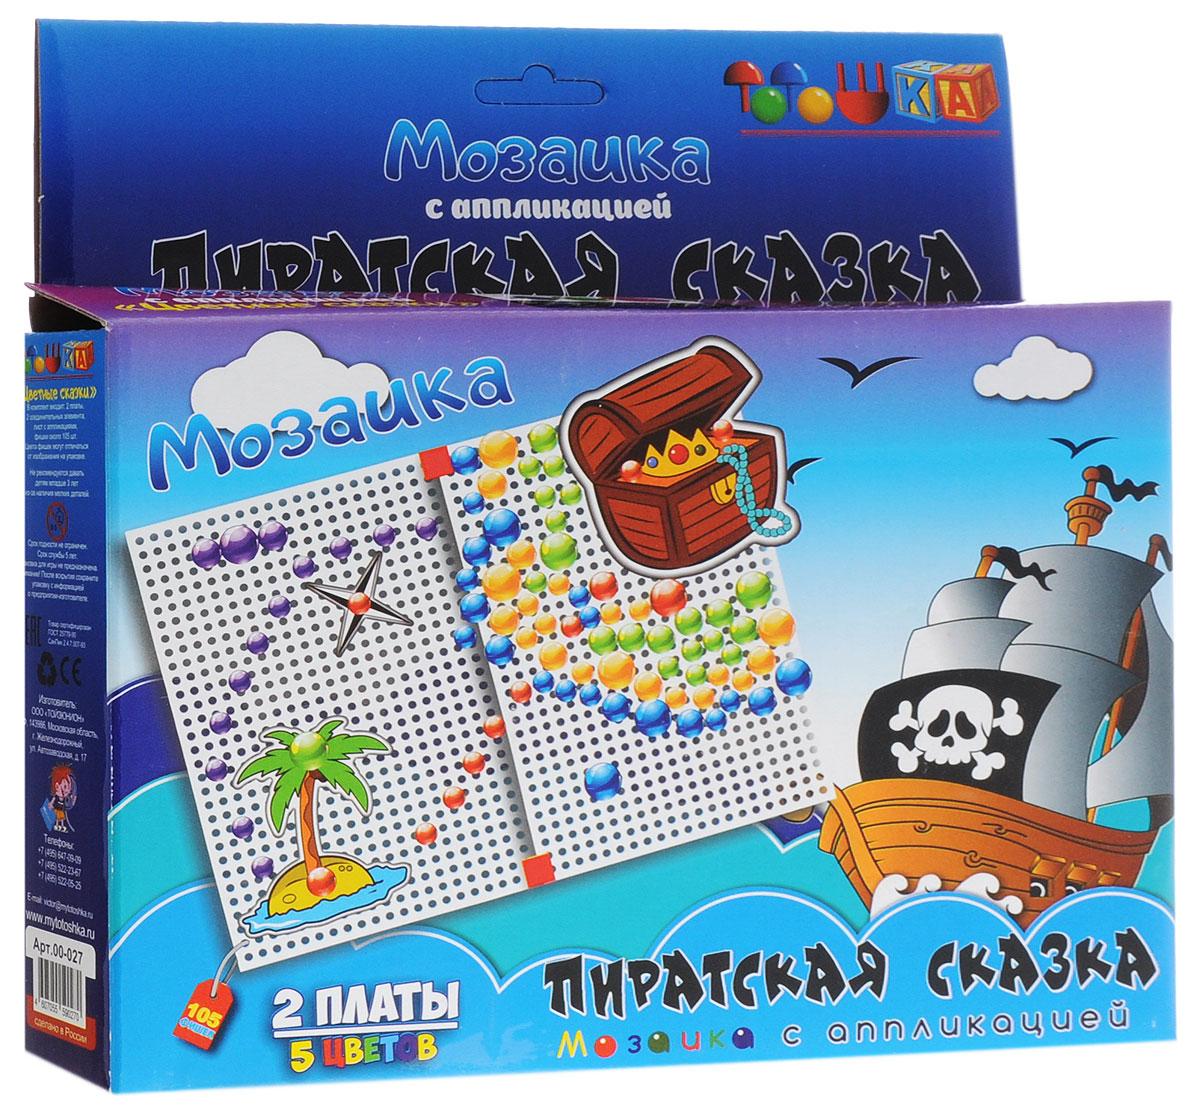 Тотошка Мозаика с аппликацией Пиратская сказка игра мозаика с аппликацией медовая сказка d10 d15 d20 105 5 цв 6 аппл 2 поля